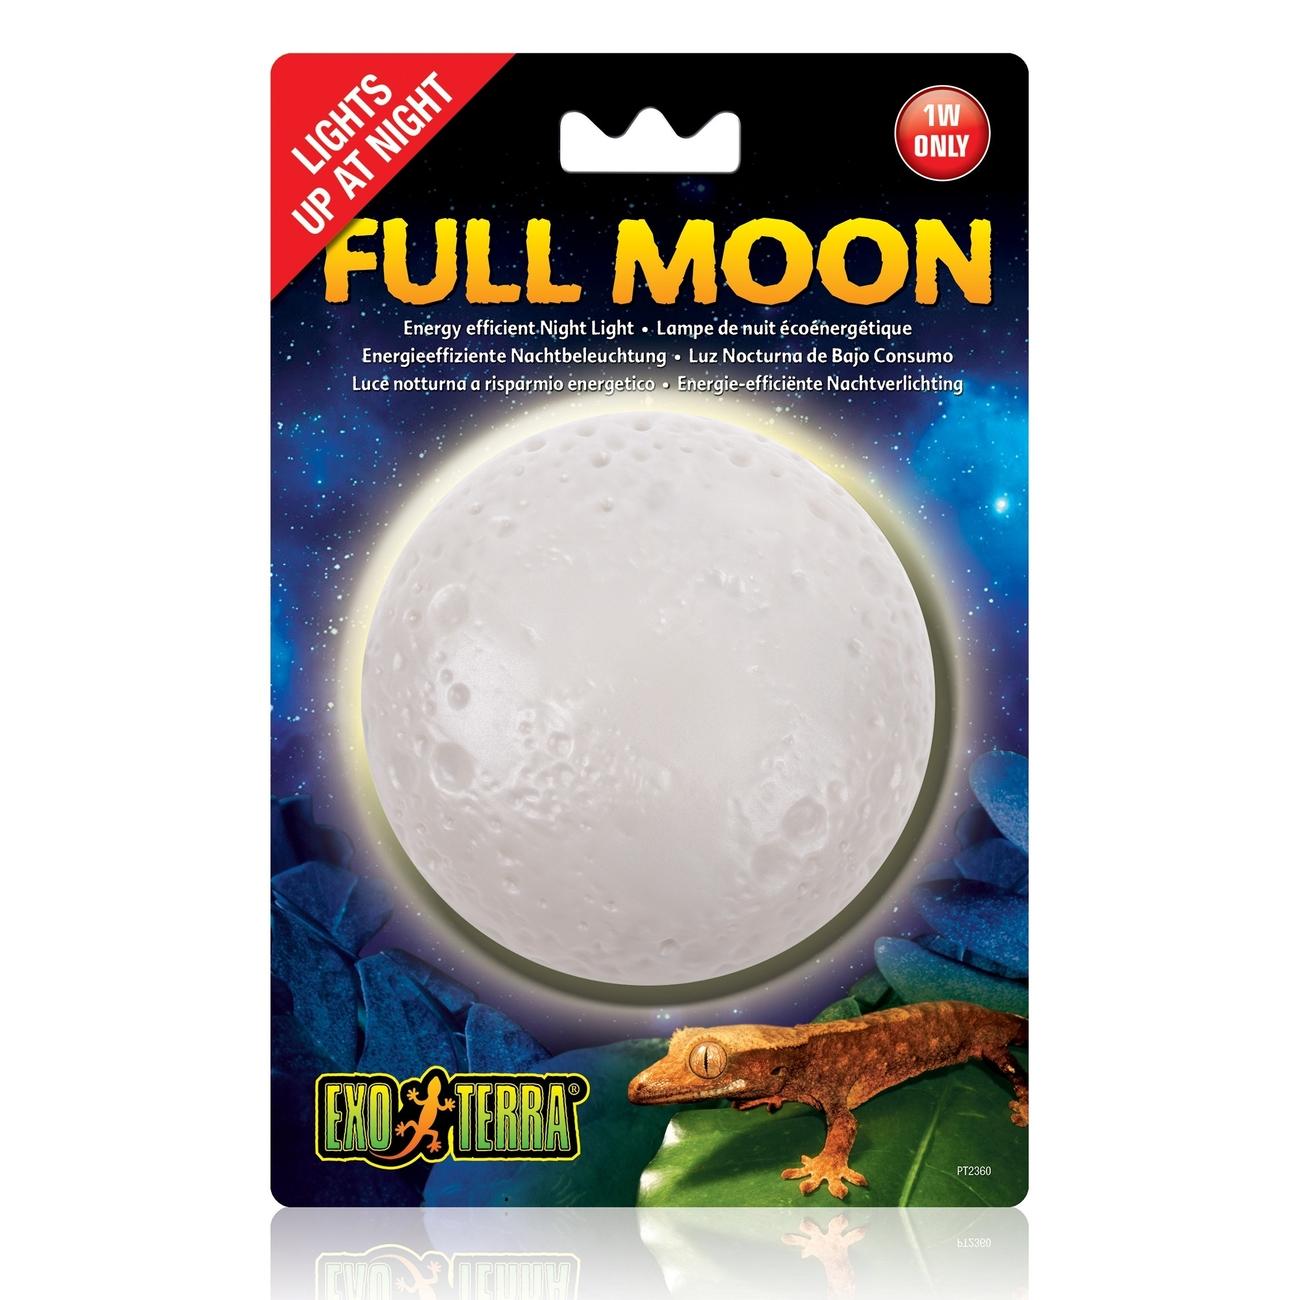 Exo Terra -  Mondlicht Bild 1